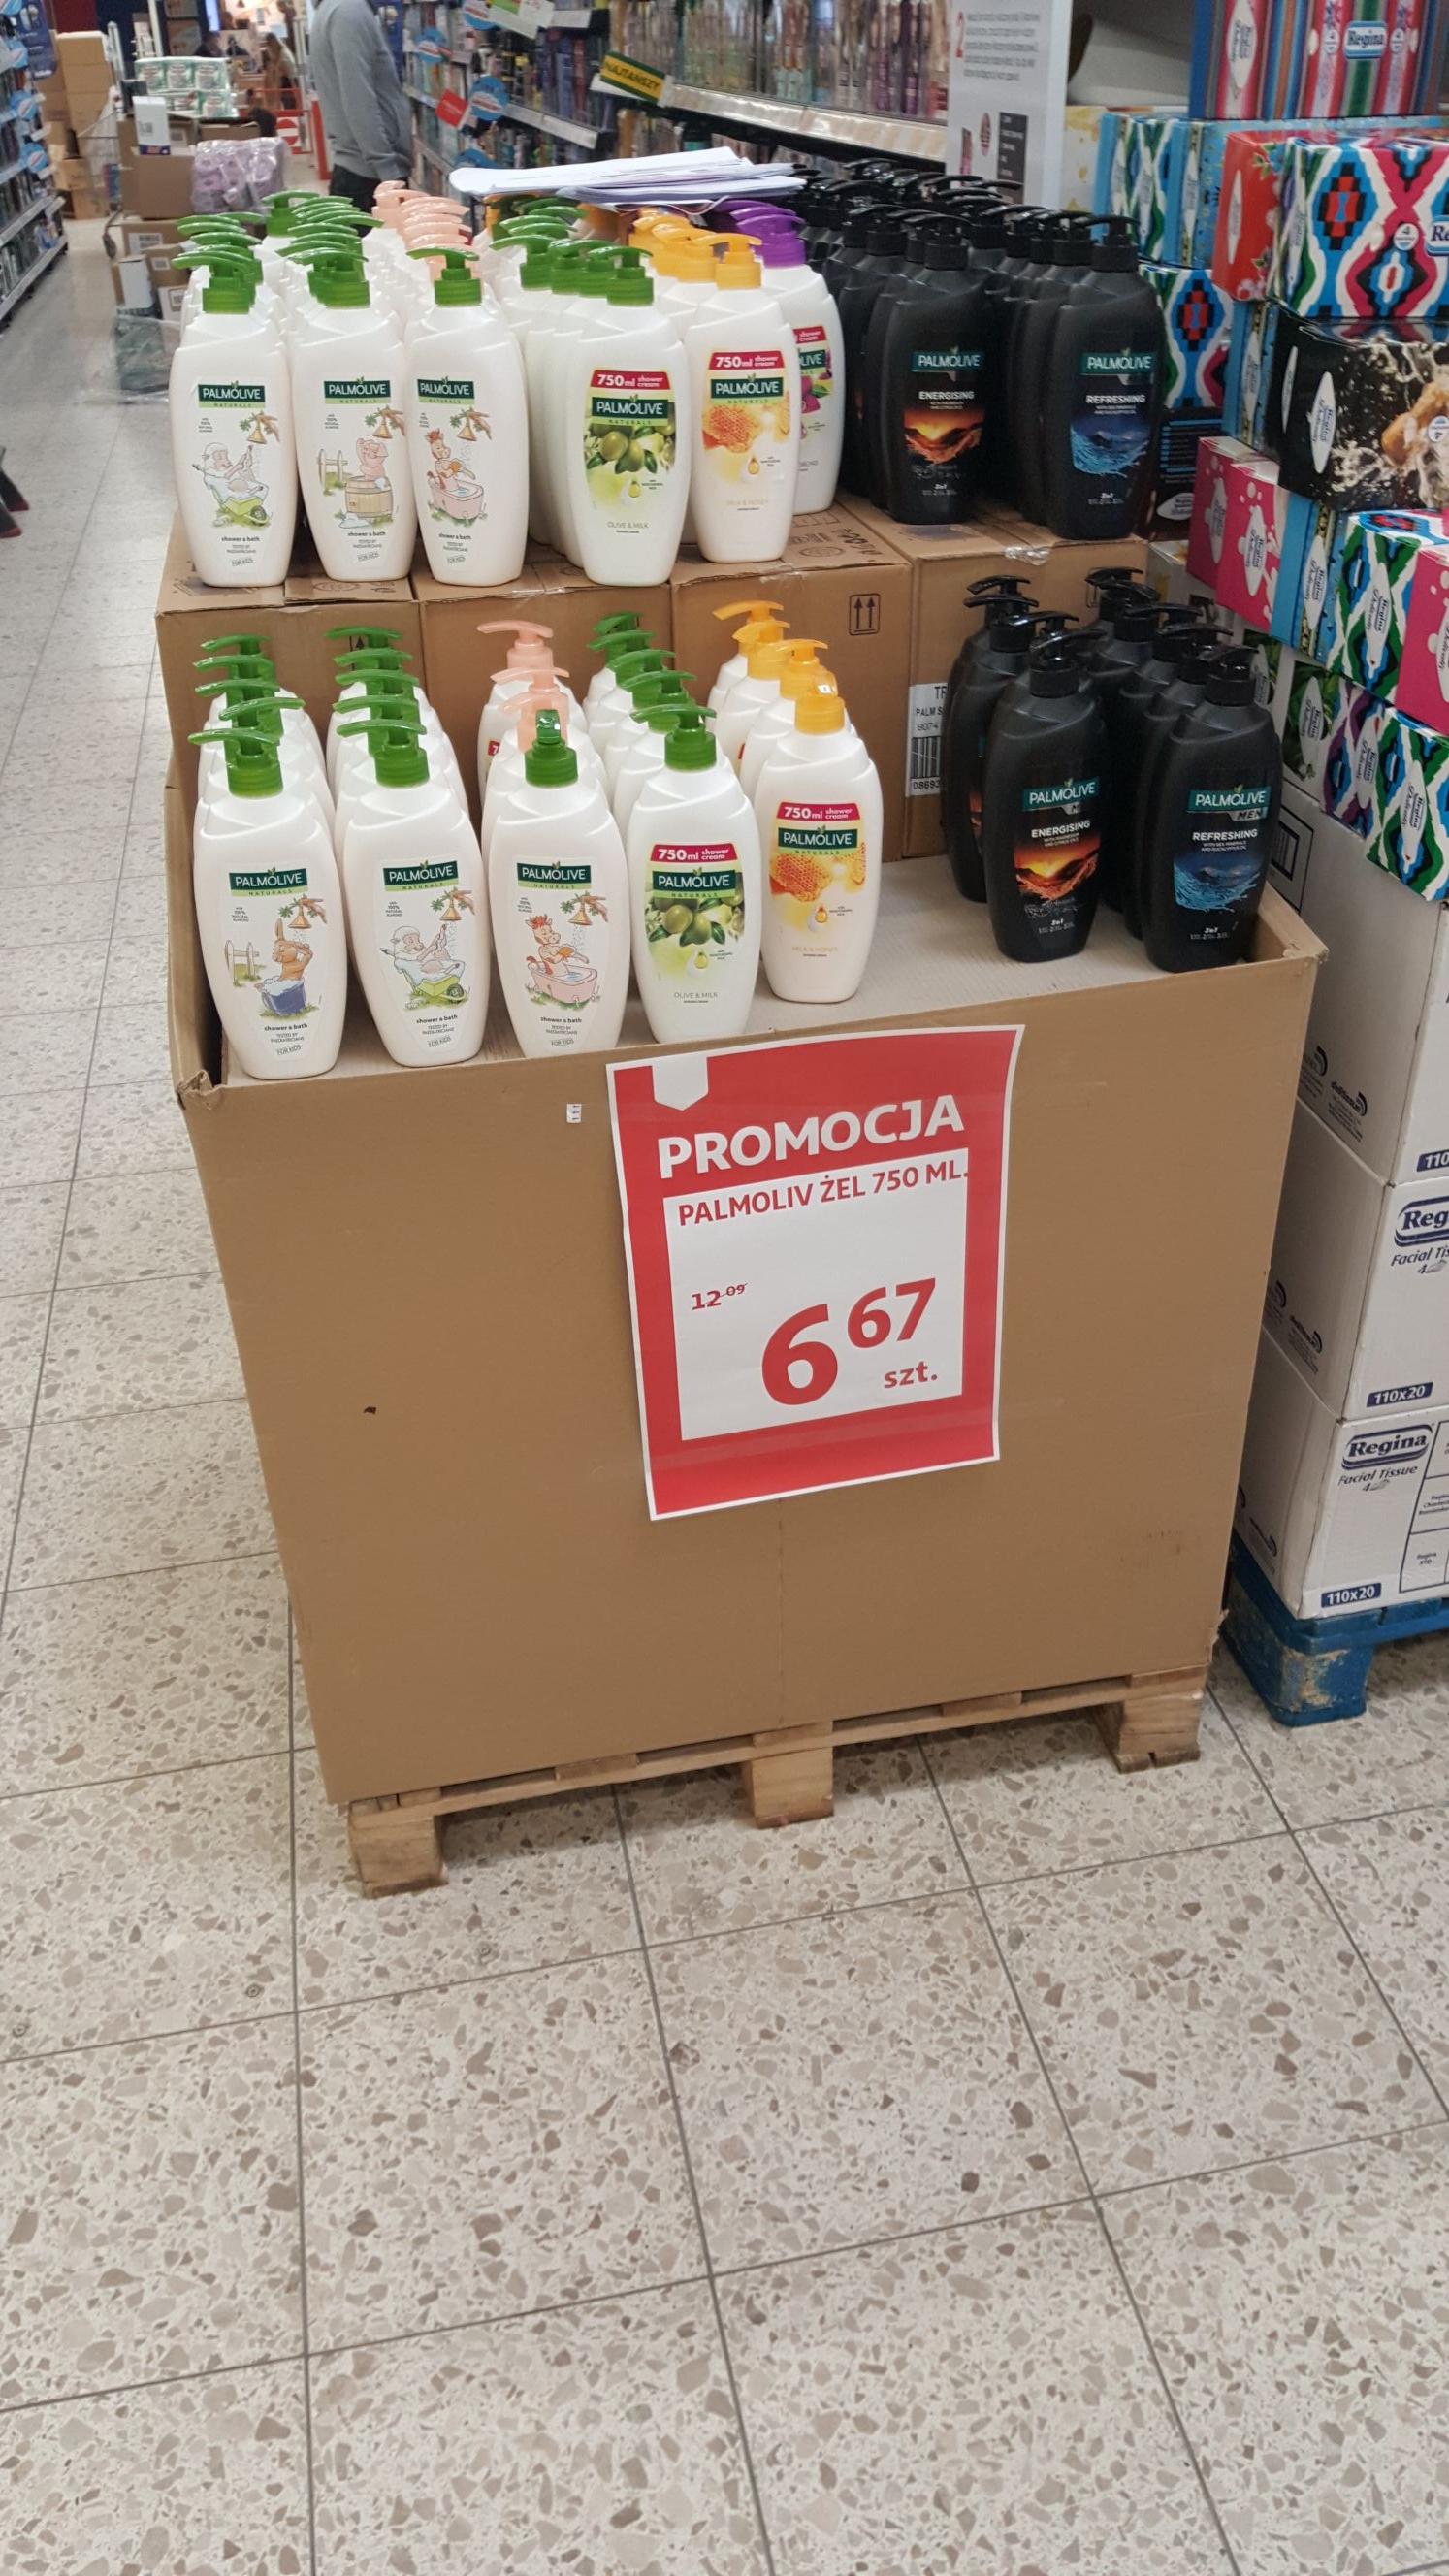 Żel pod prysznic Palmolive 750ml Auchan